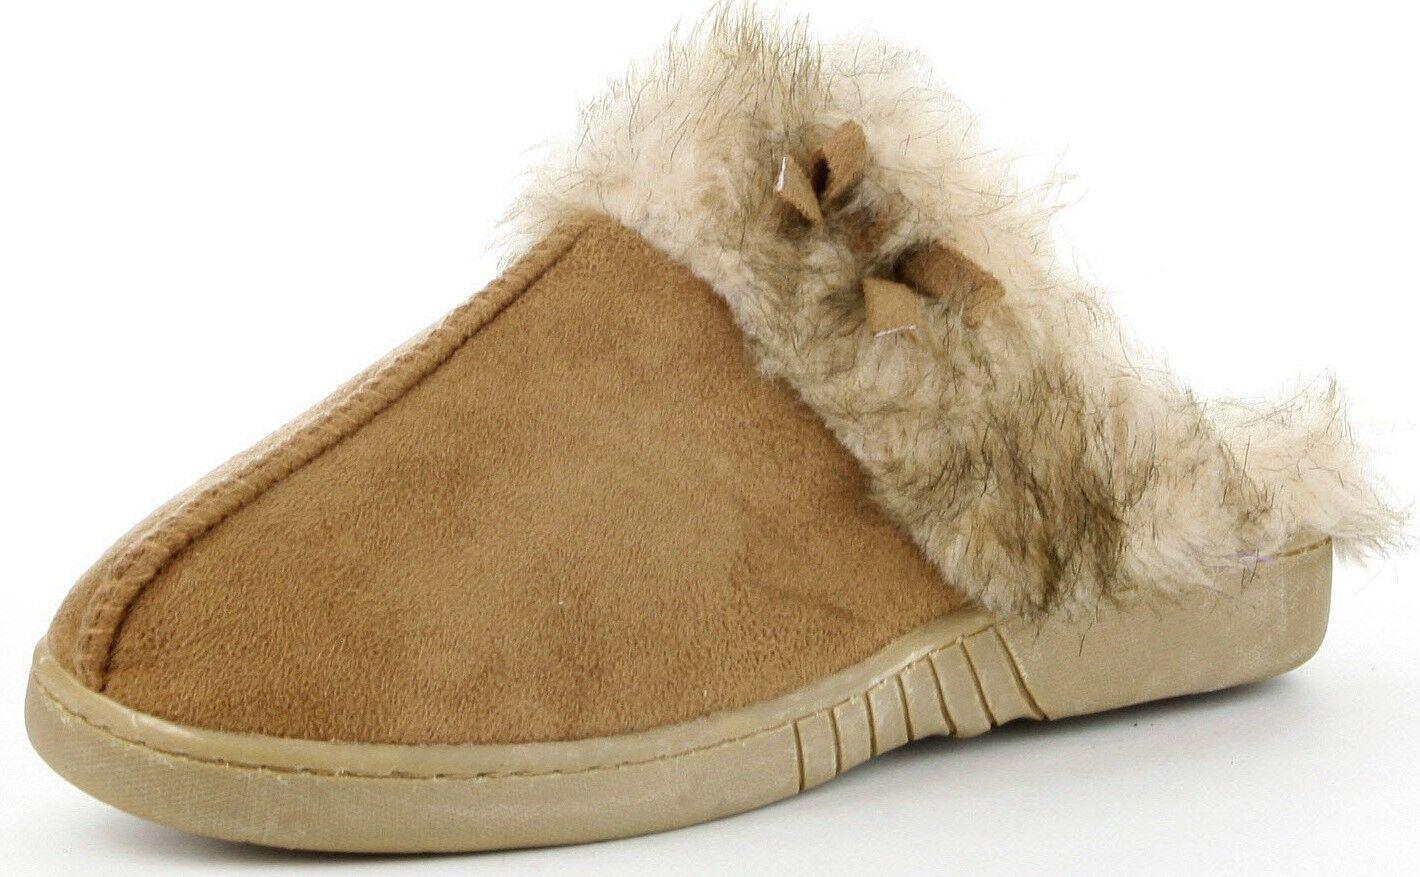 Nina Women Faux Fur Suede Warm Cozy Flat Slip On Slide Scuff Flat Cozy Slippers Shoes CML 7df62d